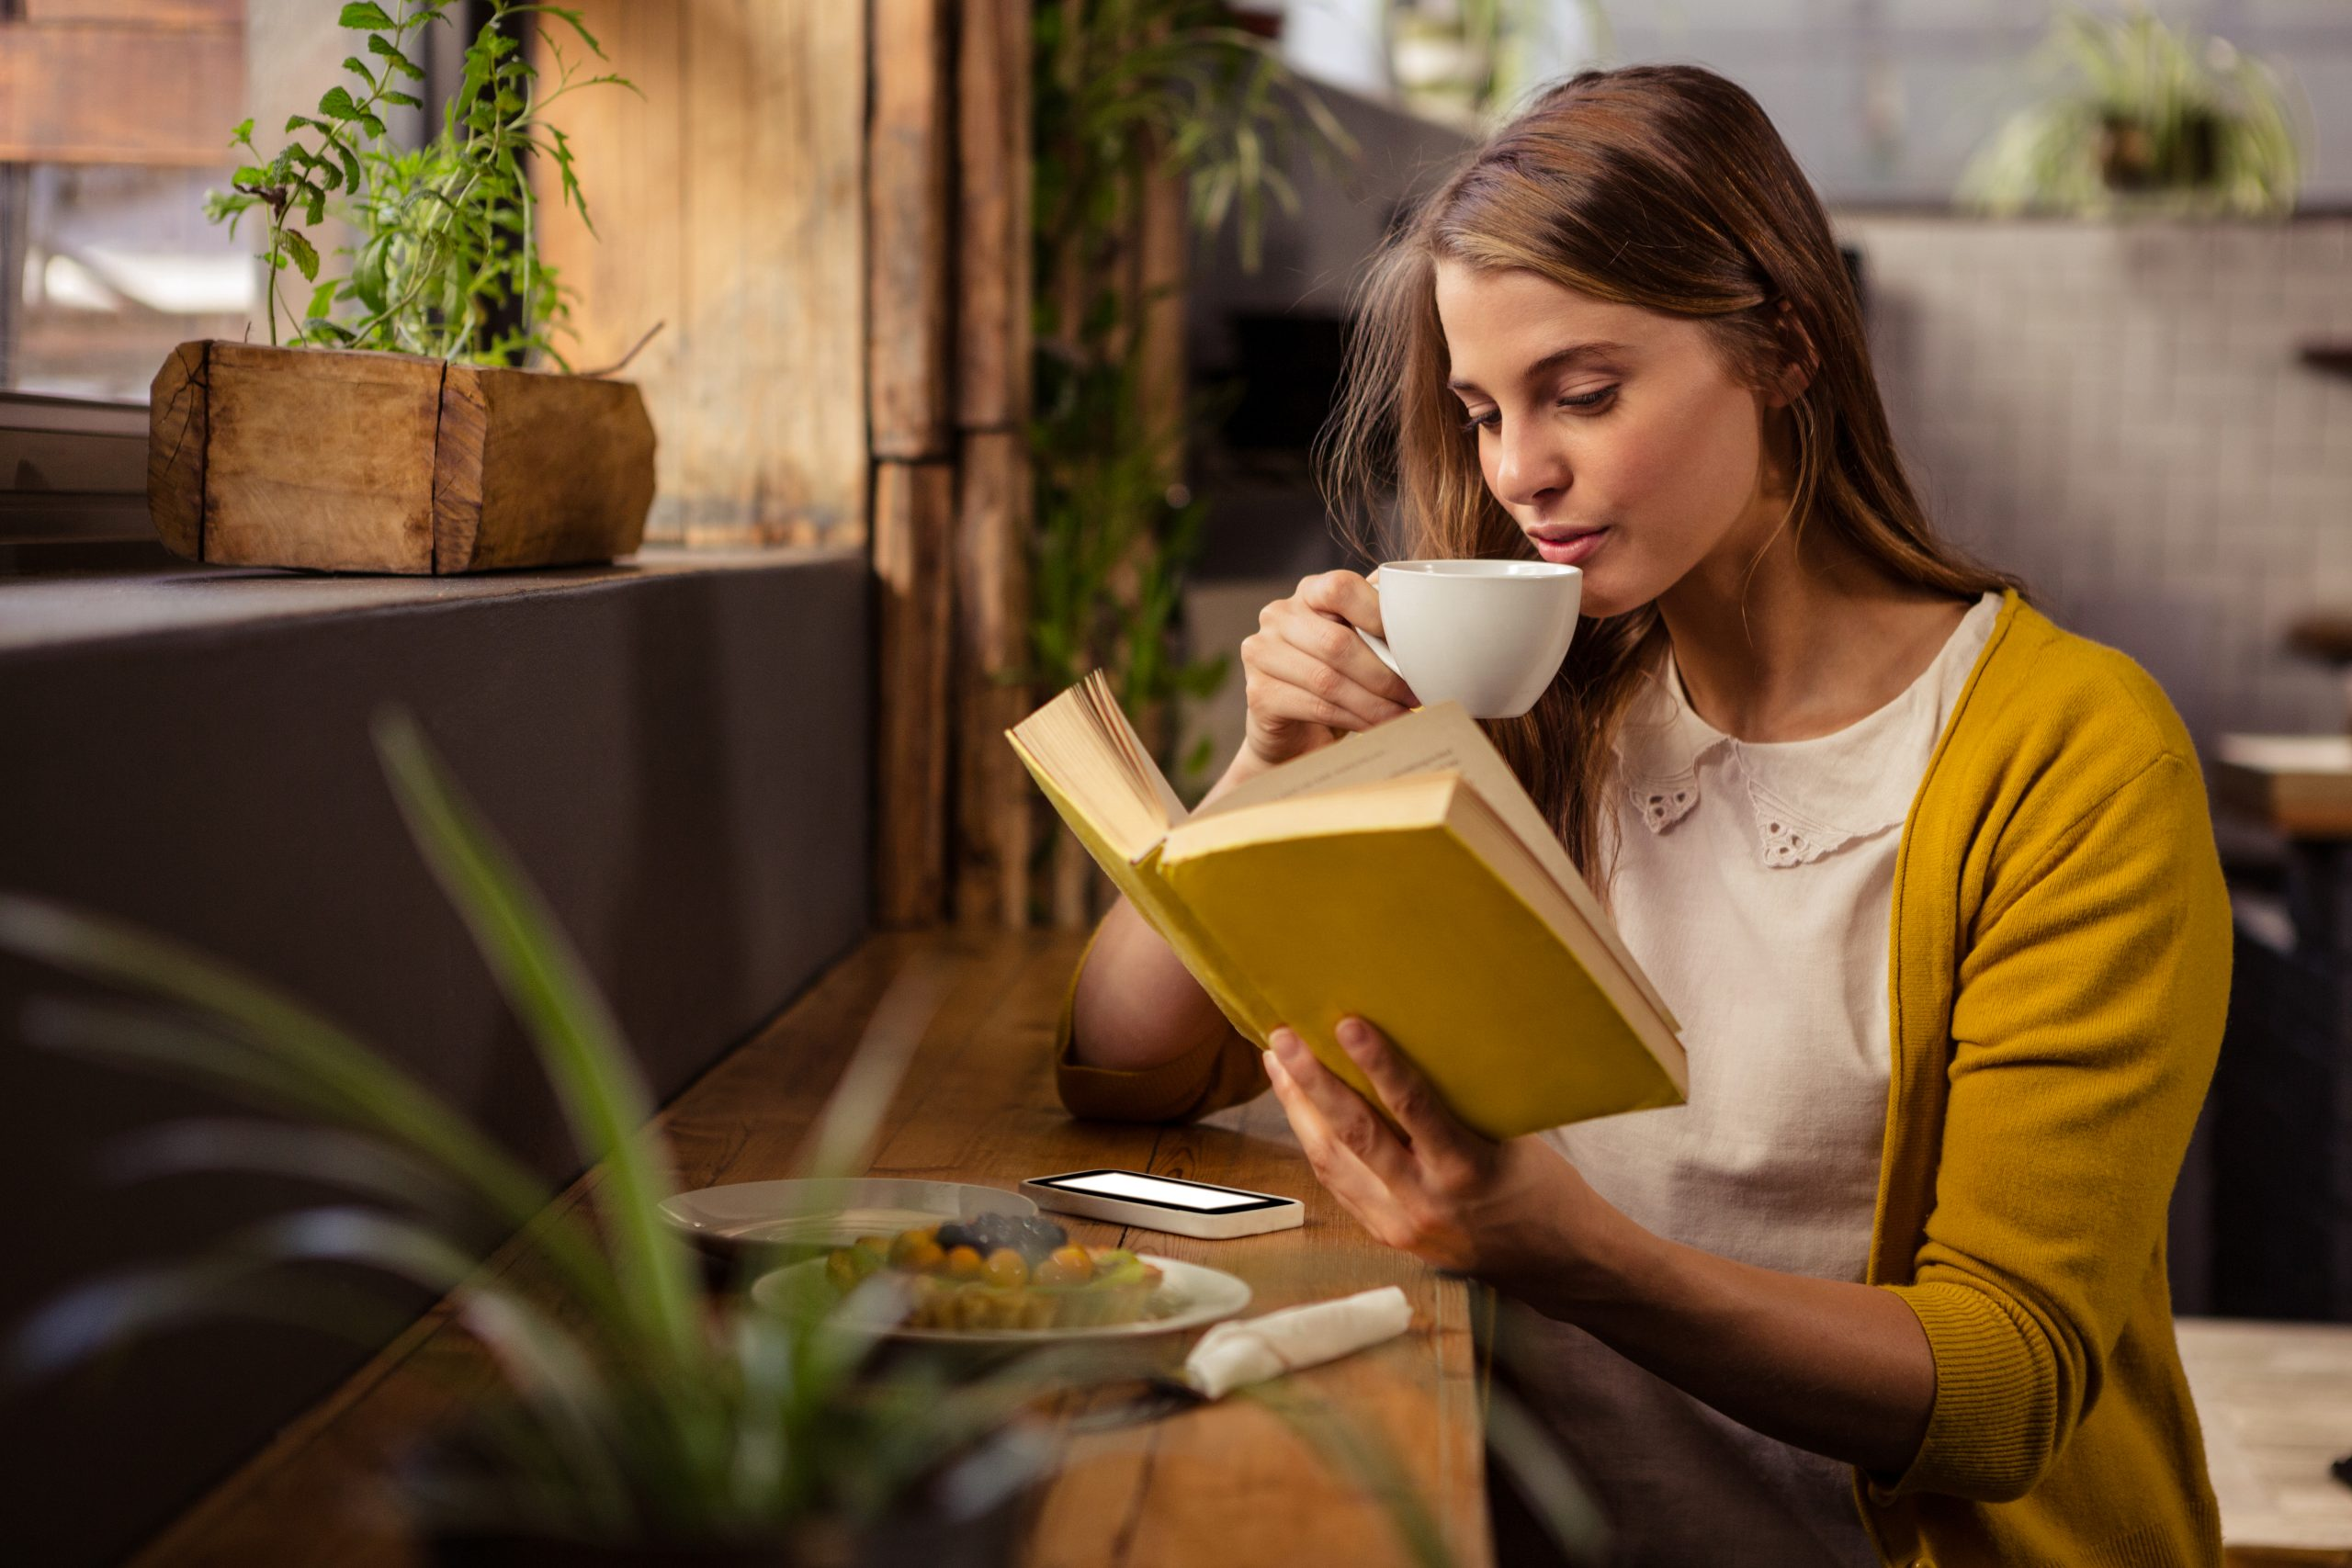 การอ่านหนังสือเรียนดีอย่างไร